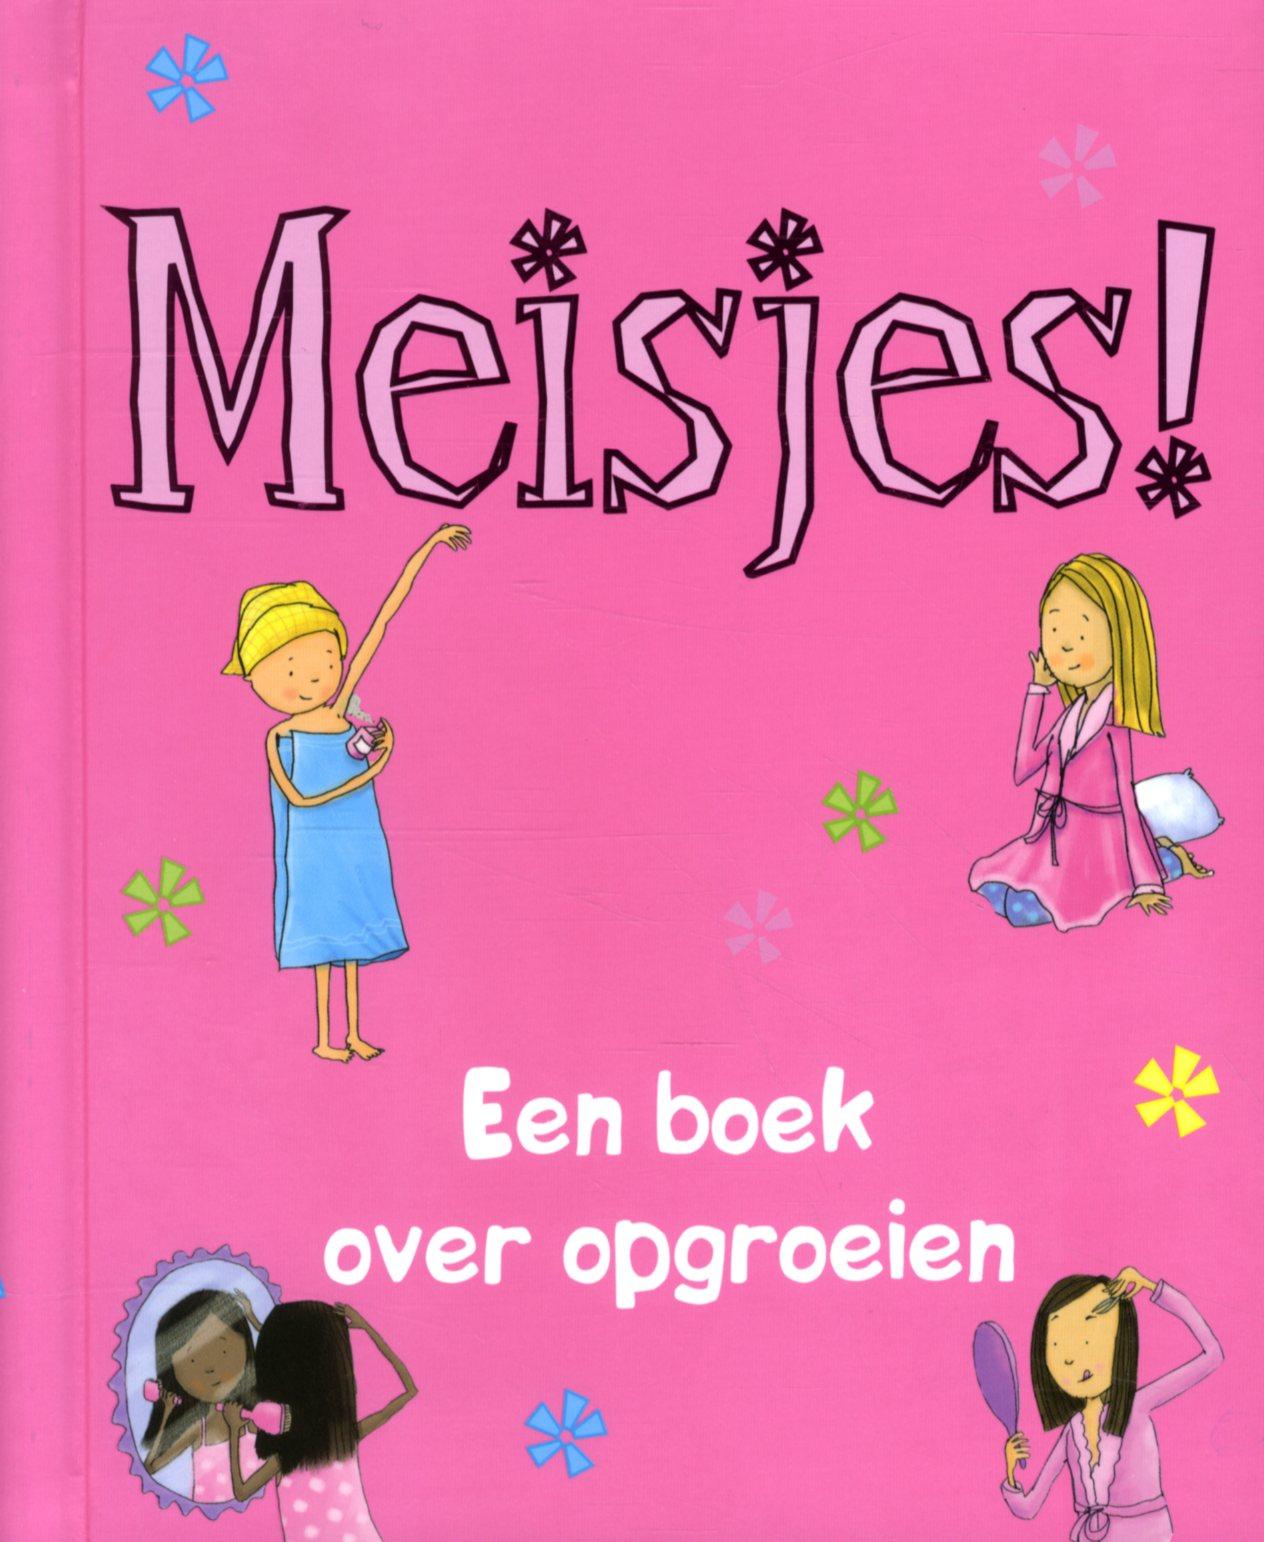 Meisjes! Een boek over opgroeien